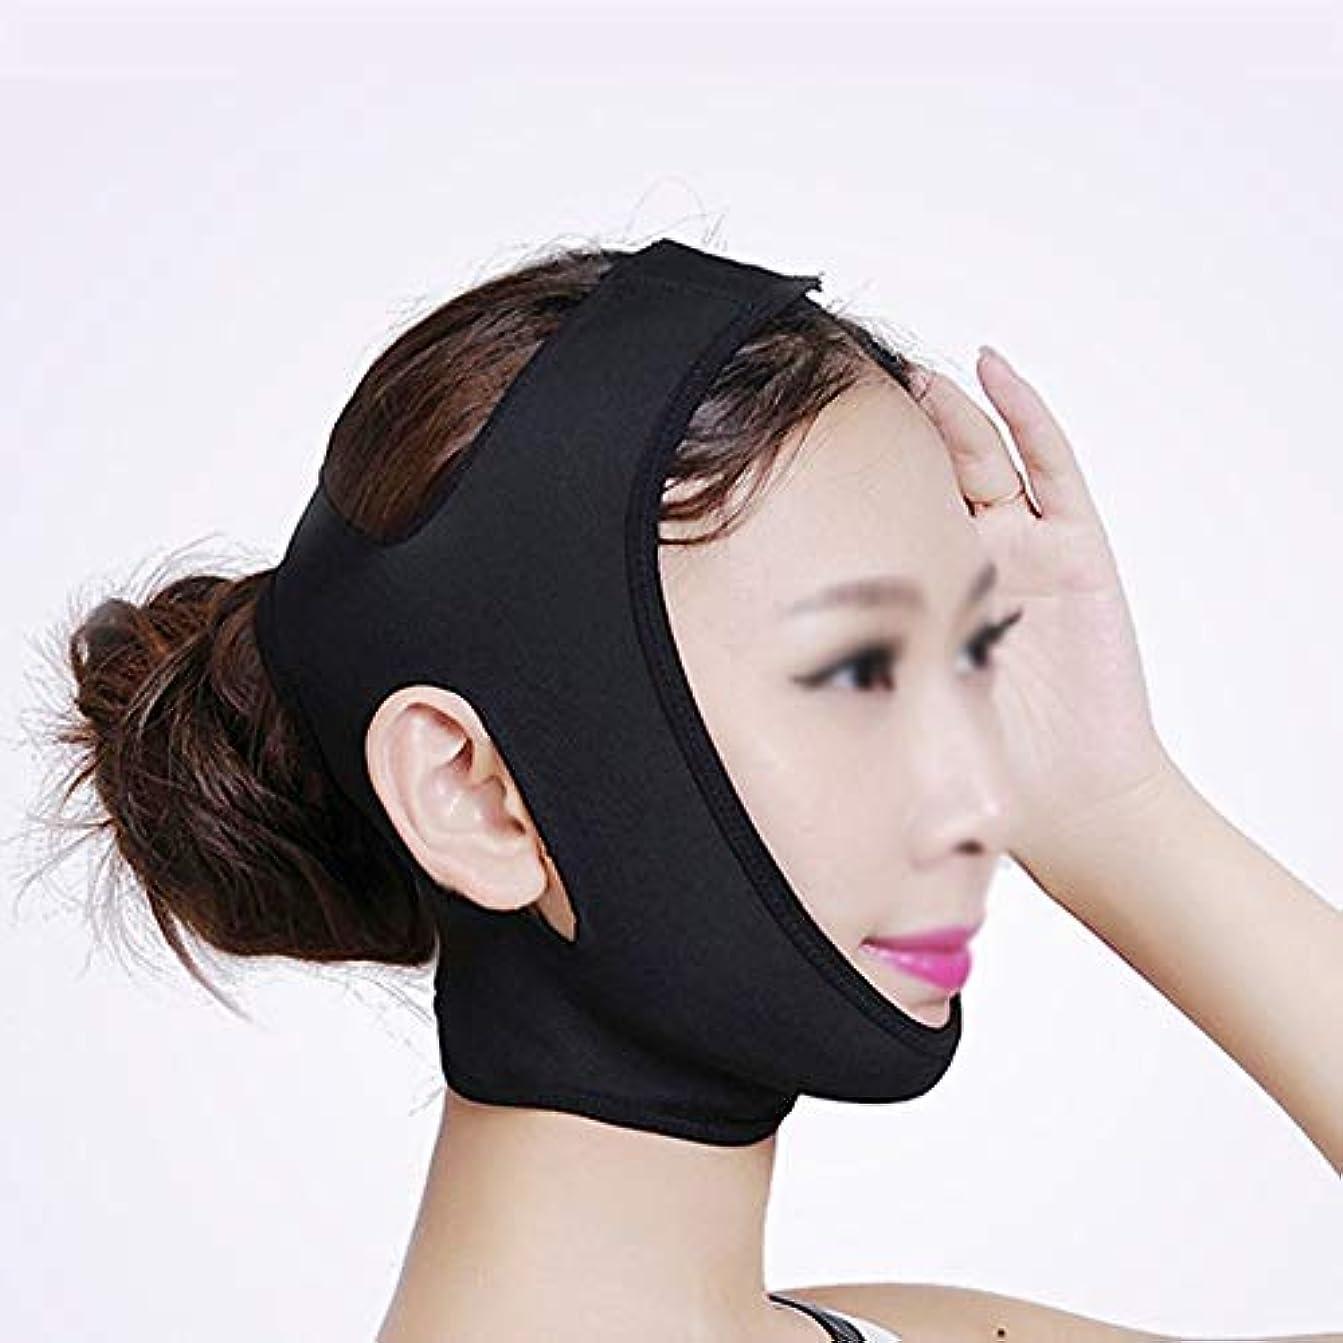 銃ミンチ額LJK 減量の包帯、顔の持ち上がる包帯、二重あごを減らすために持ち上がるベルトを取除く顔の減量のマスクの持ち上がる表面、フェイスマスク、二重あご (Color : Black, Size : S)